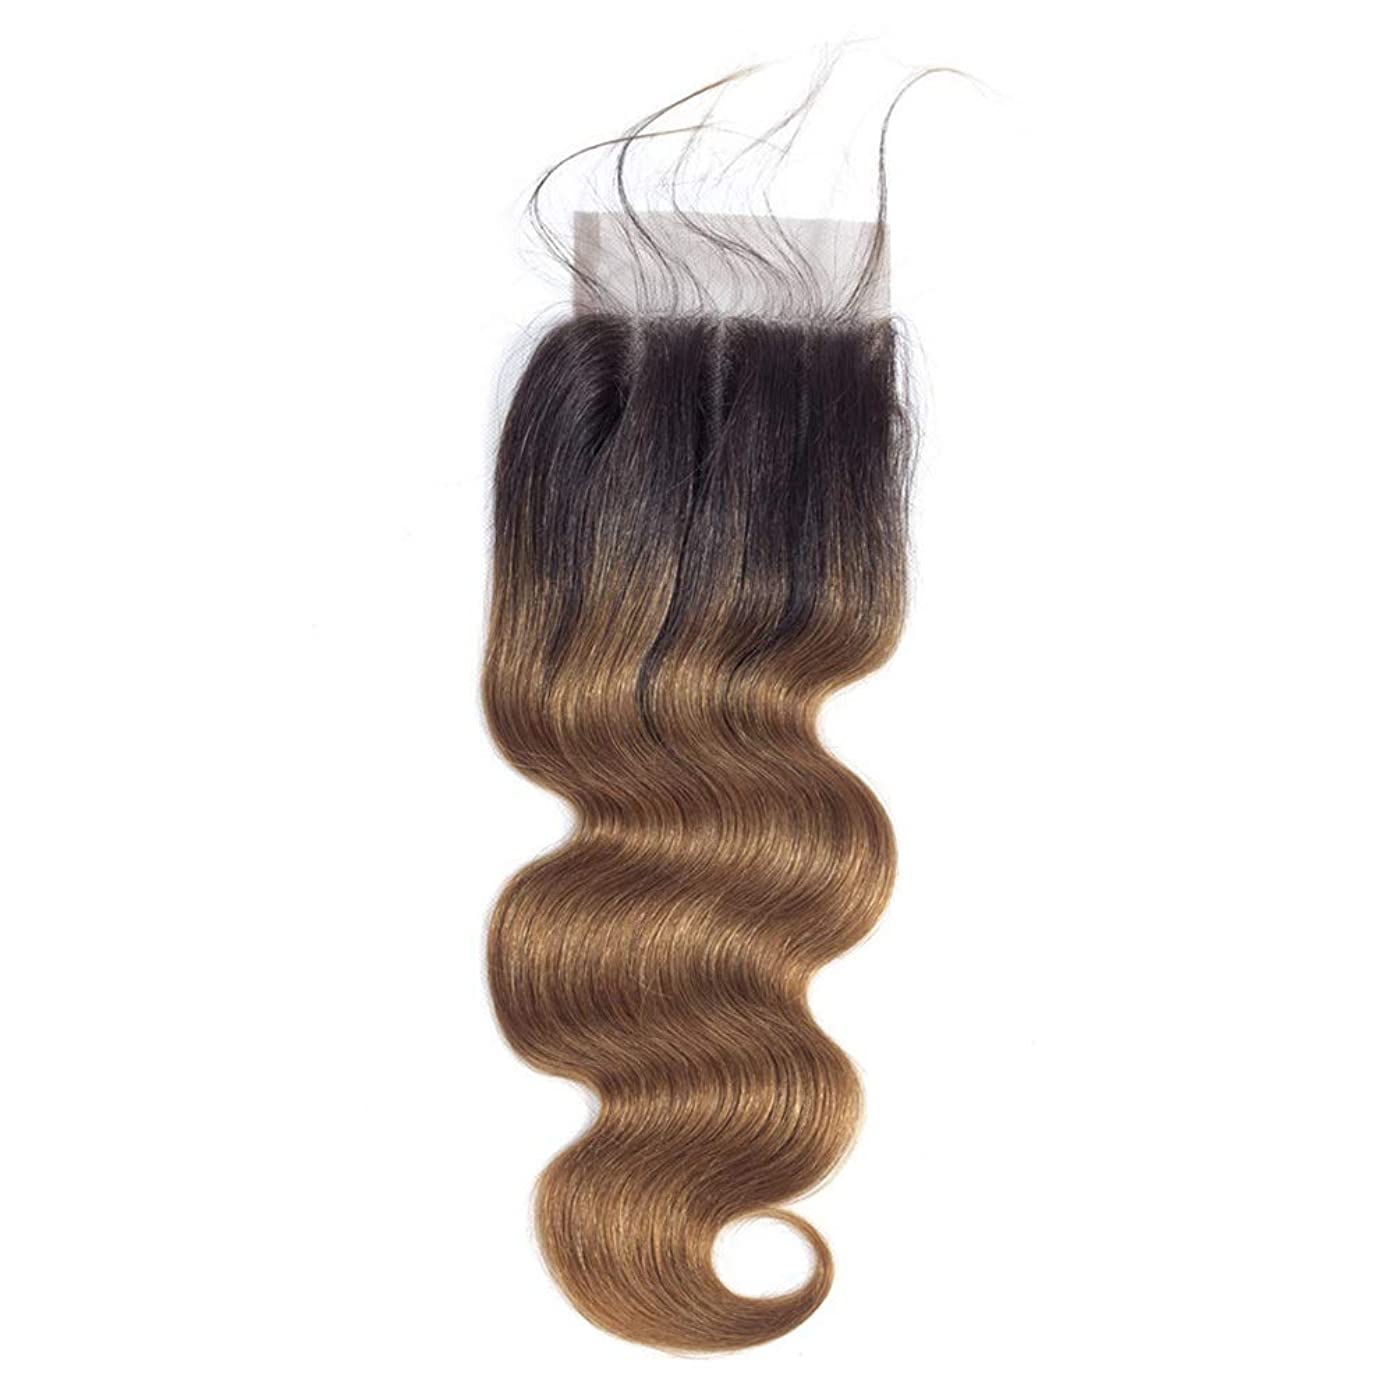 熱狂的なニュース正確にHOHYLLYA ブラジルの人間の髪の毛のレース前頭閉鎖4 x 4耳に耳1B / 30ブラウン2トーンカラー8